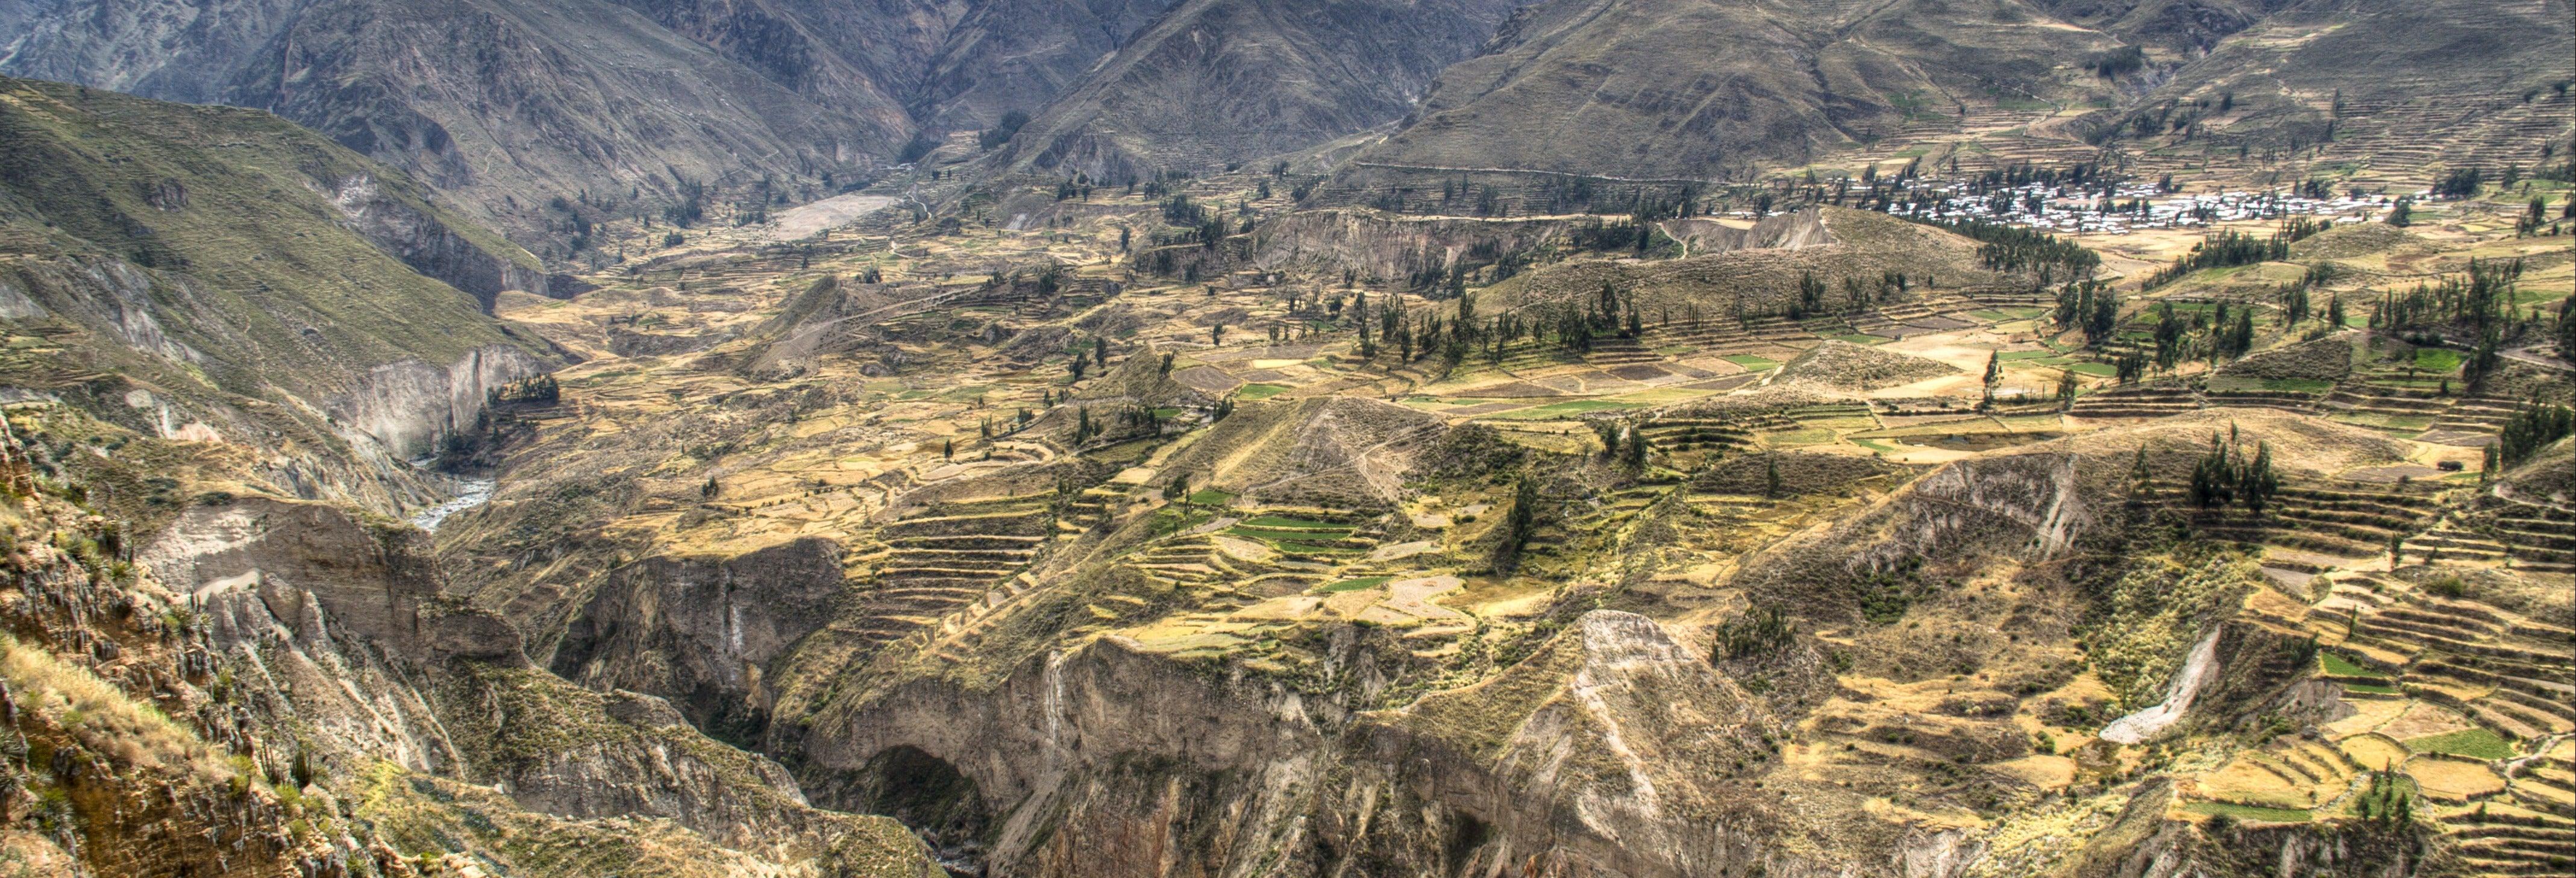 Tour de 2 dias ao Vale do Colca e ao mirante Cruz del Cóndor